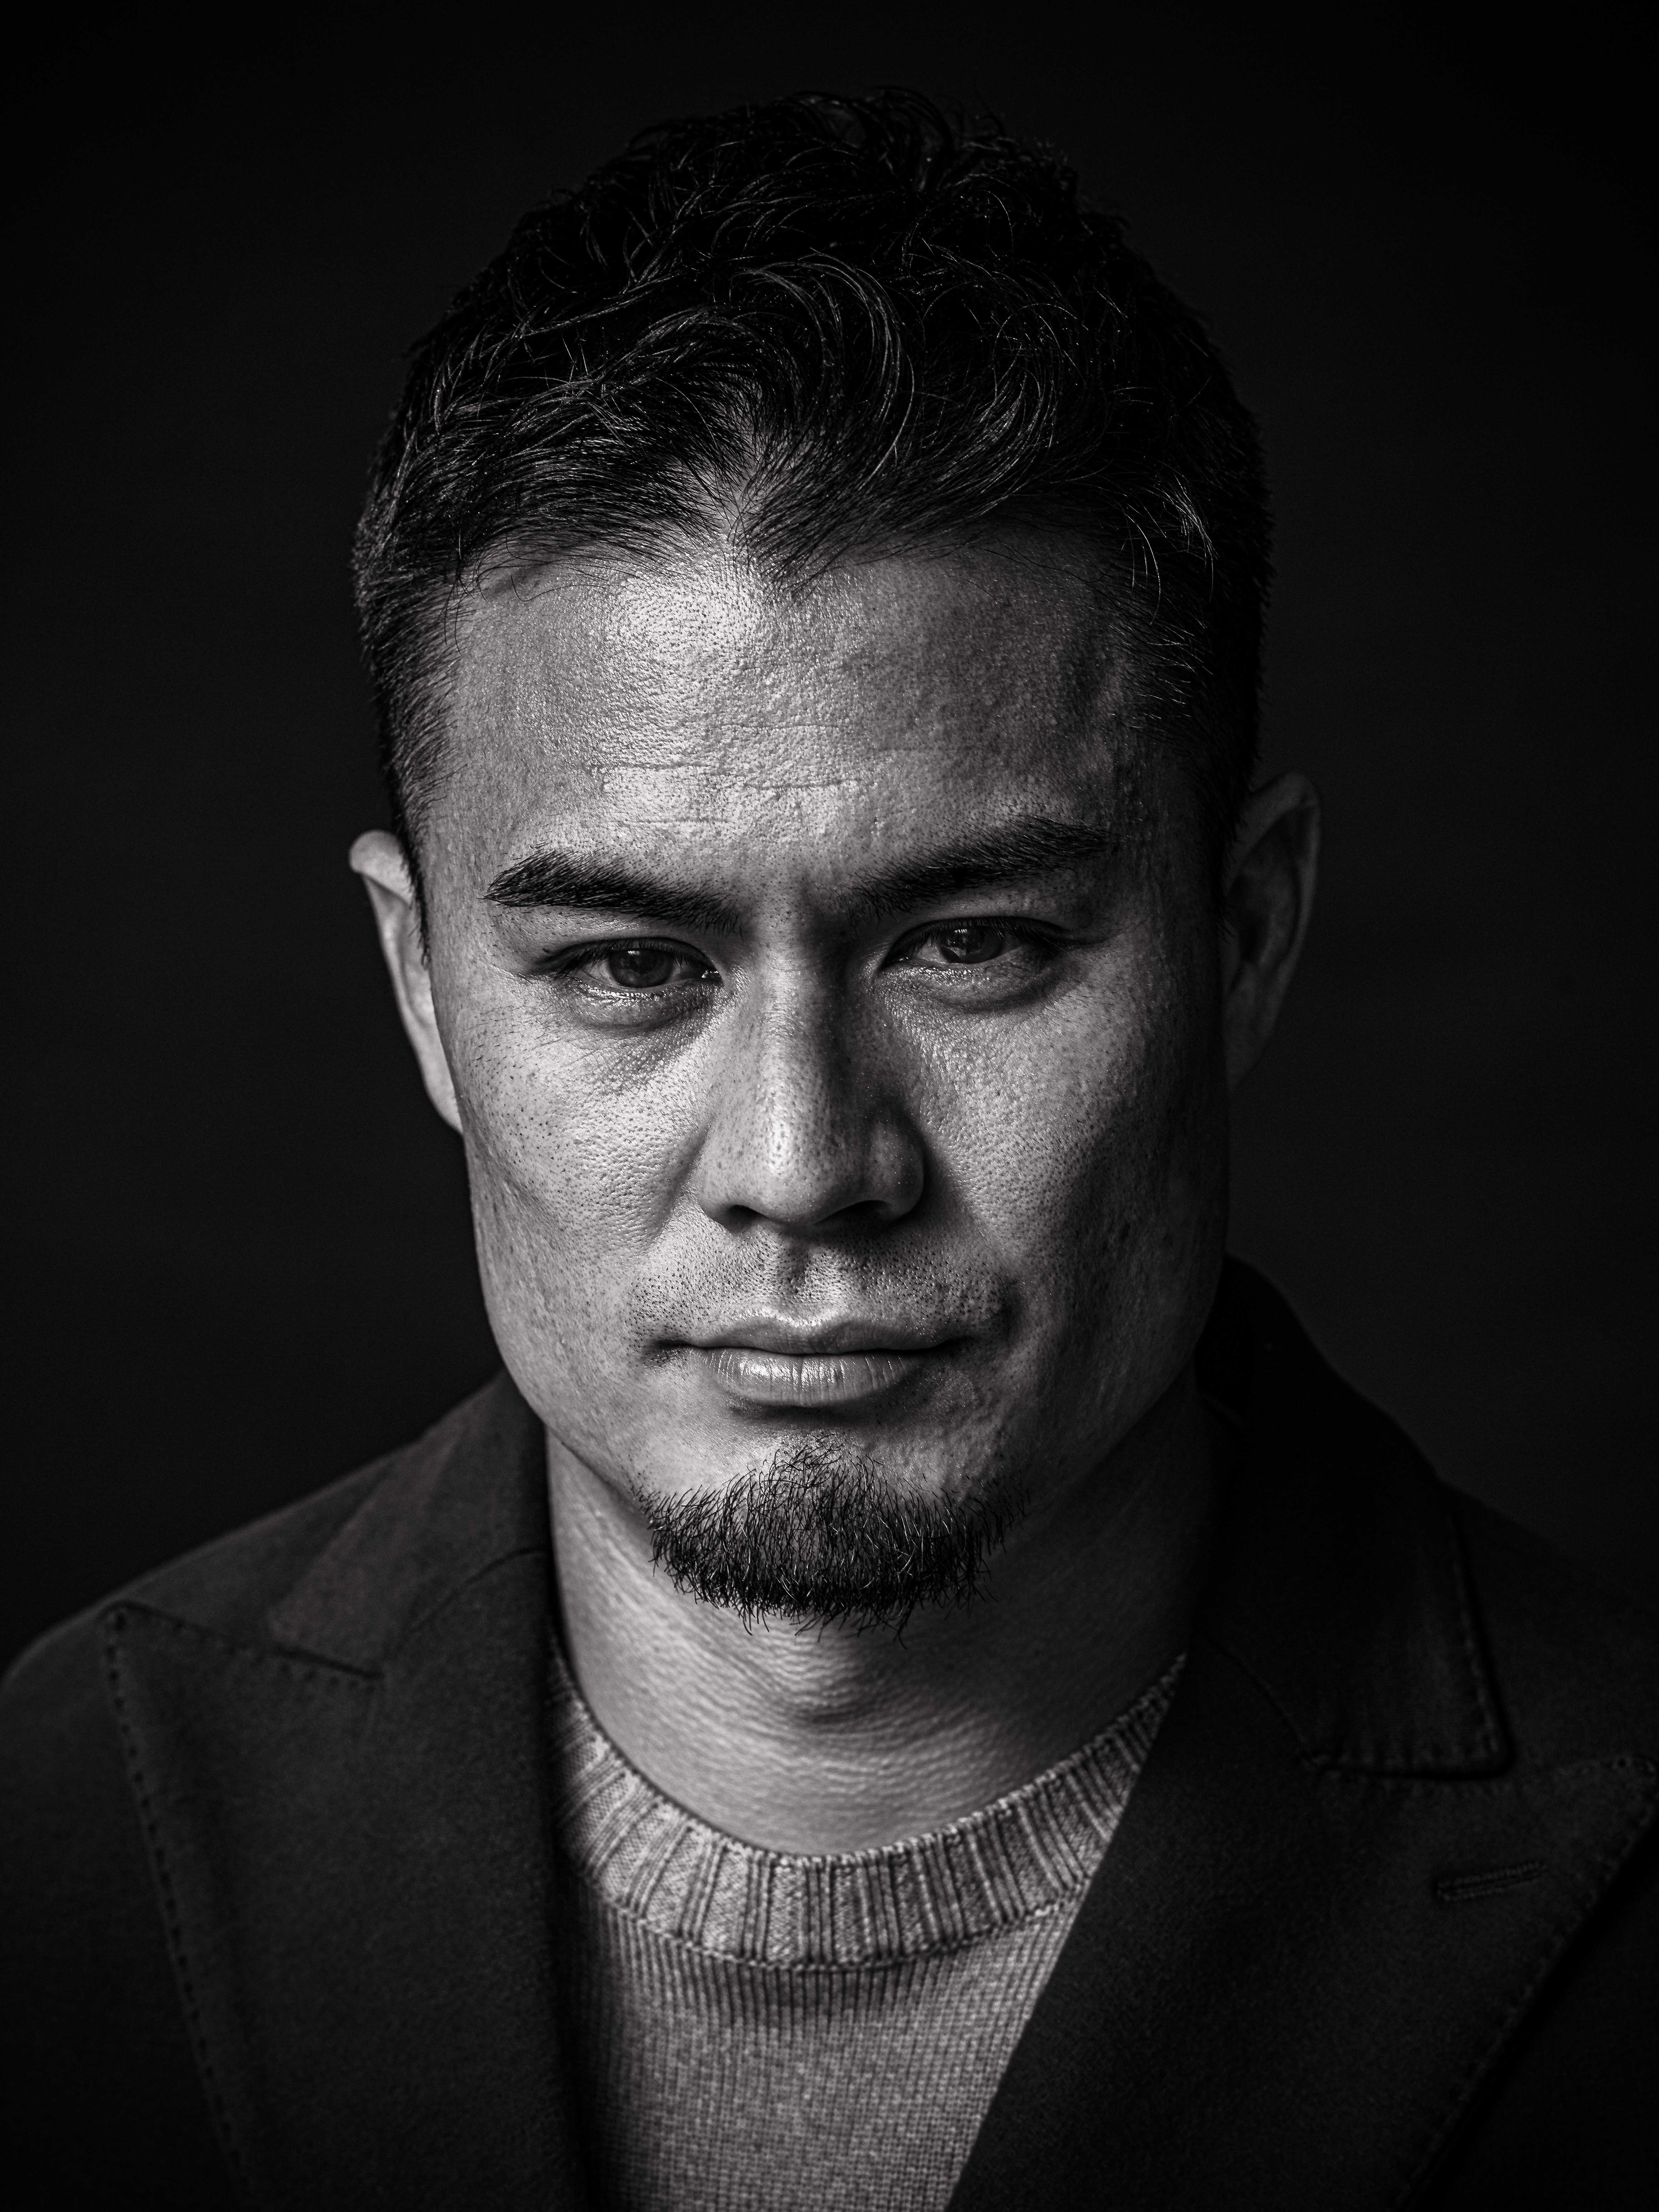 田村優 / ラグビー日本代表(Forbes Japan)